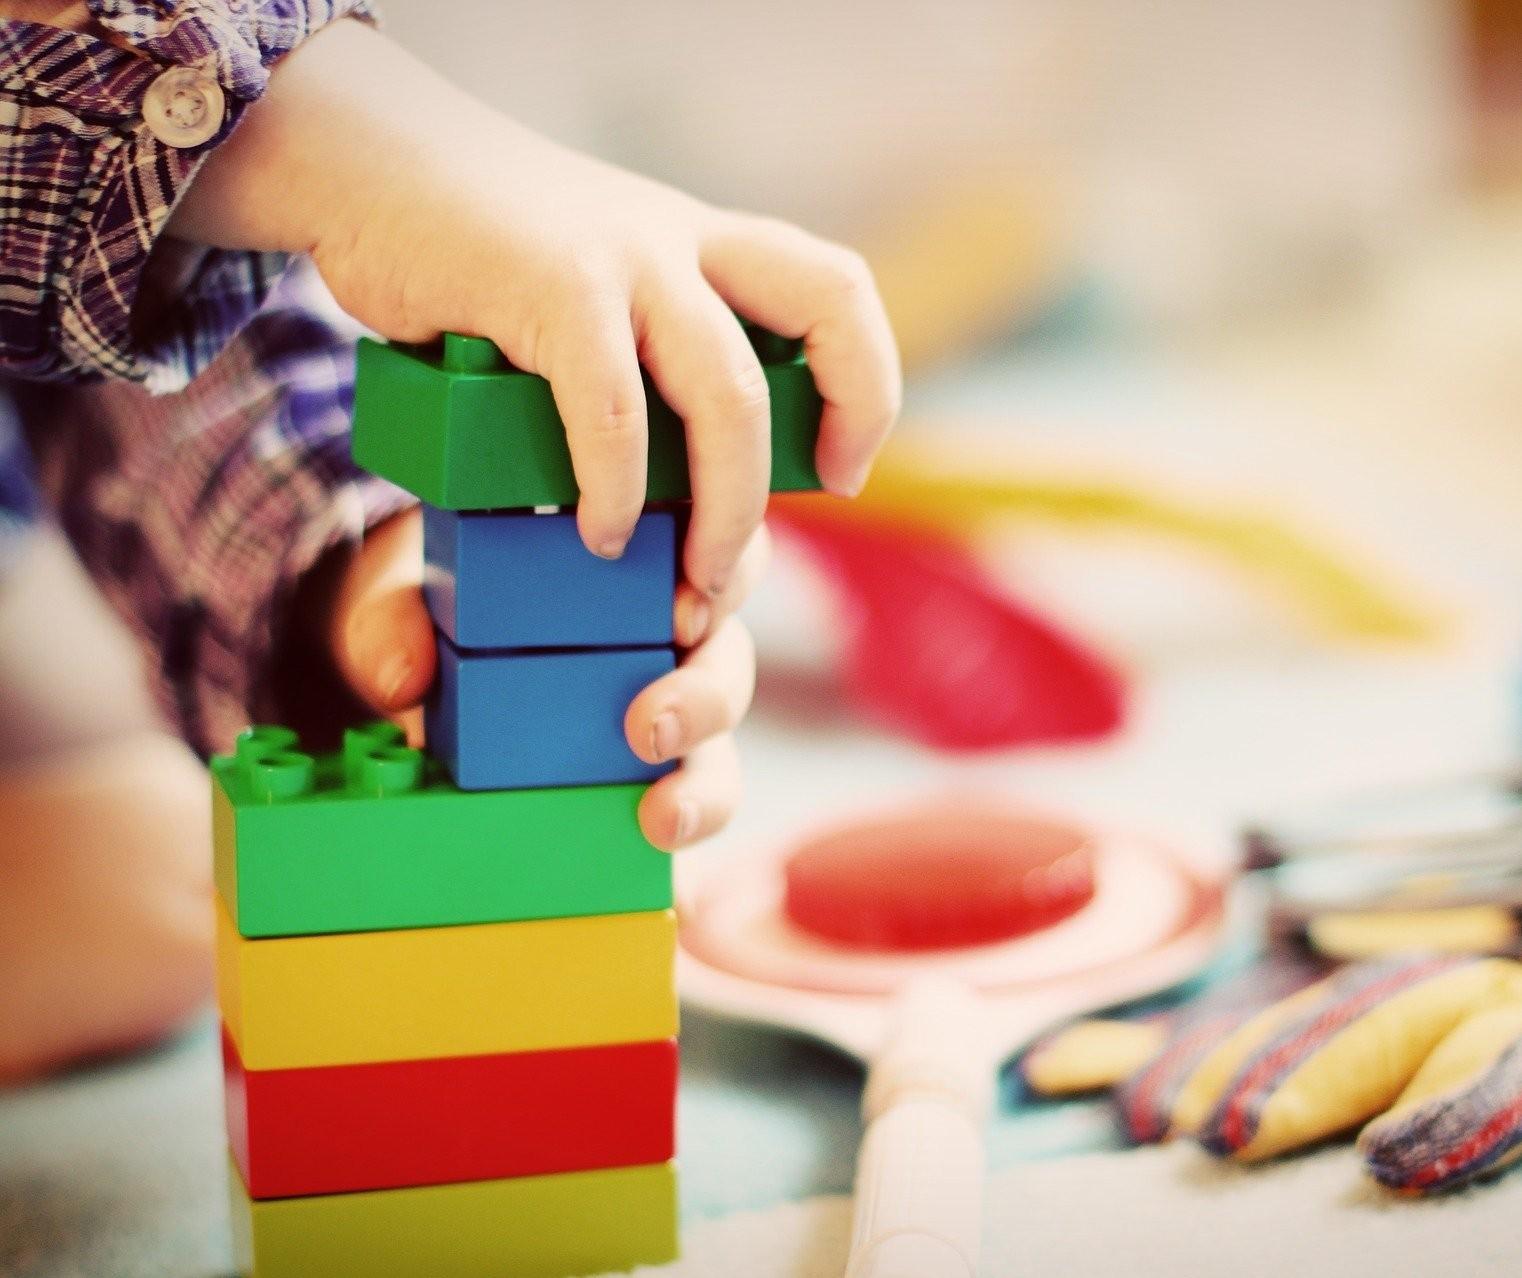 Sexualidade na infância: como entender o assunto?